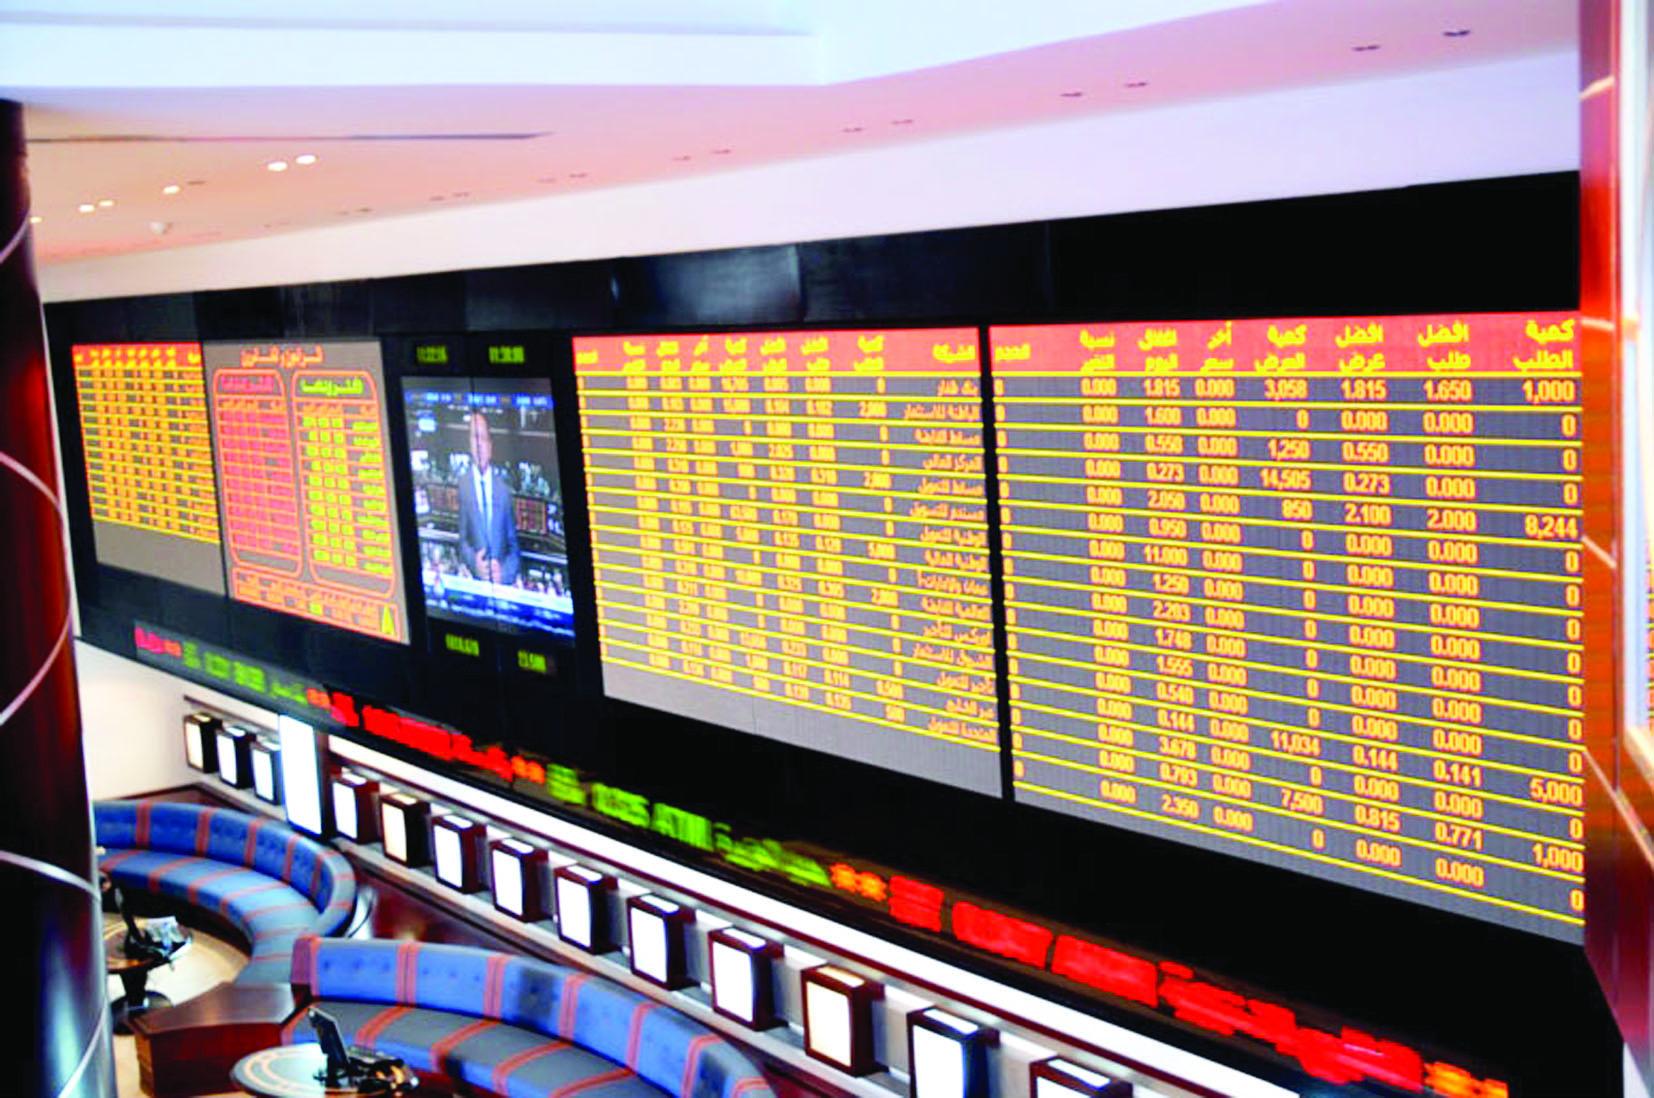 سوق مسقط يسجل أفضل حجم تداول في 6 أشهر